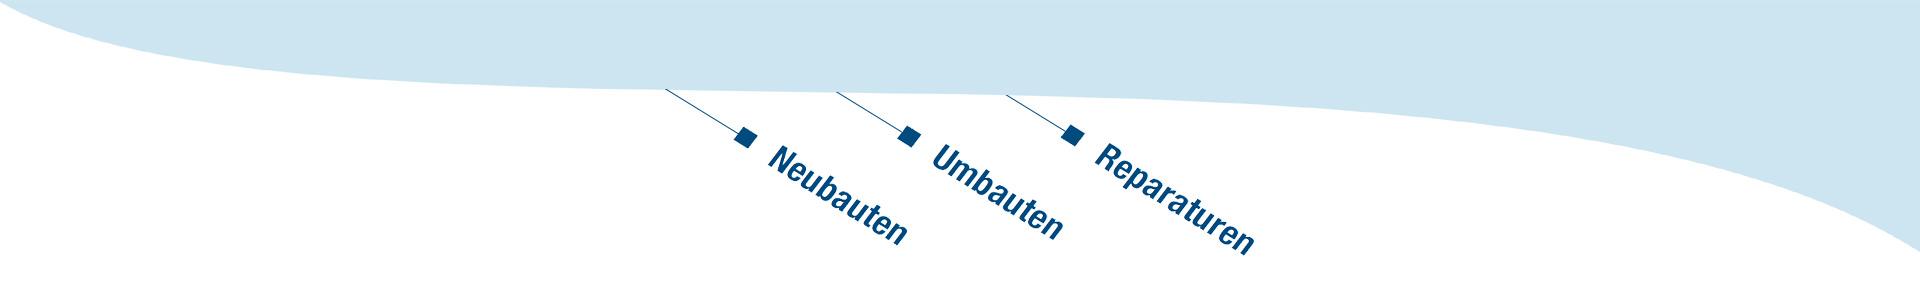 Meidericher Schiffswerft MSW Duisburg - Schiffsneubauten unten